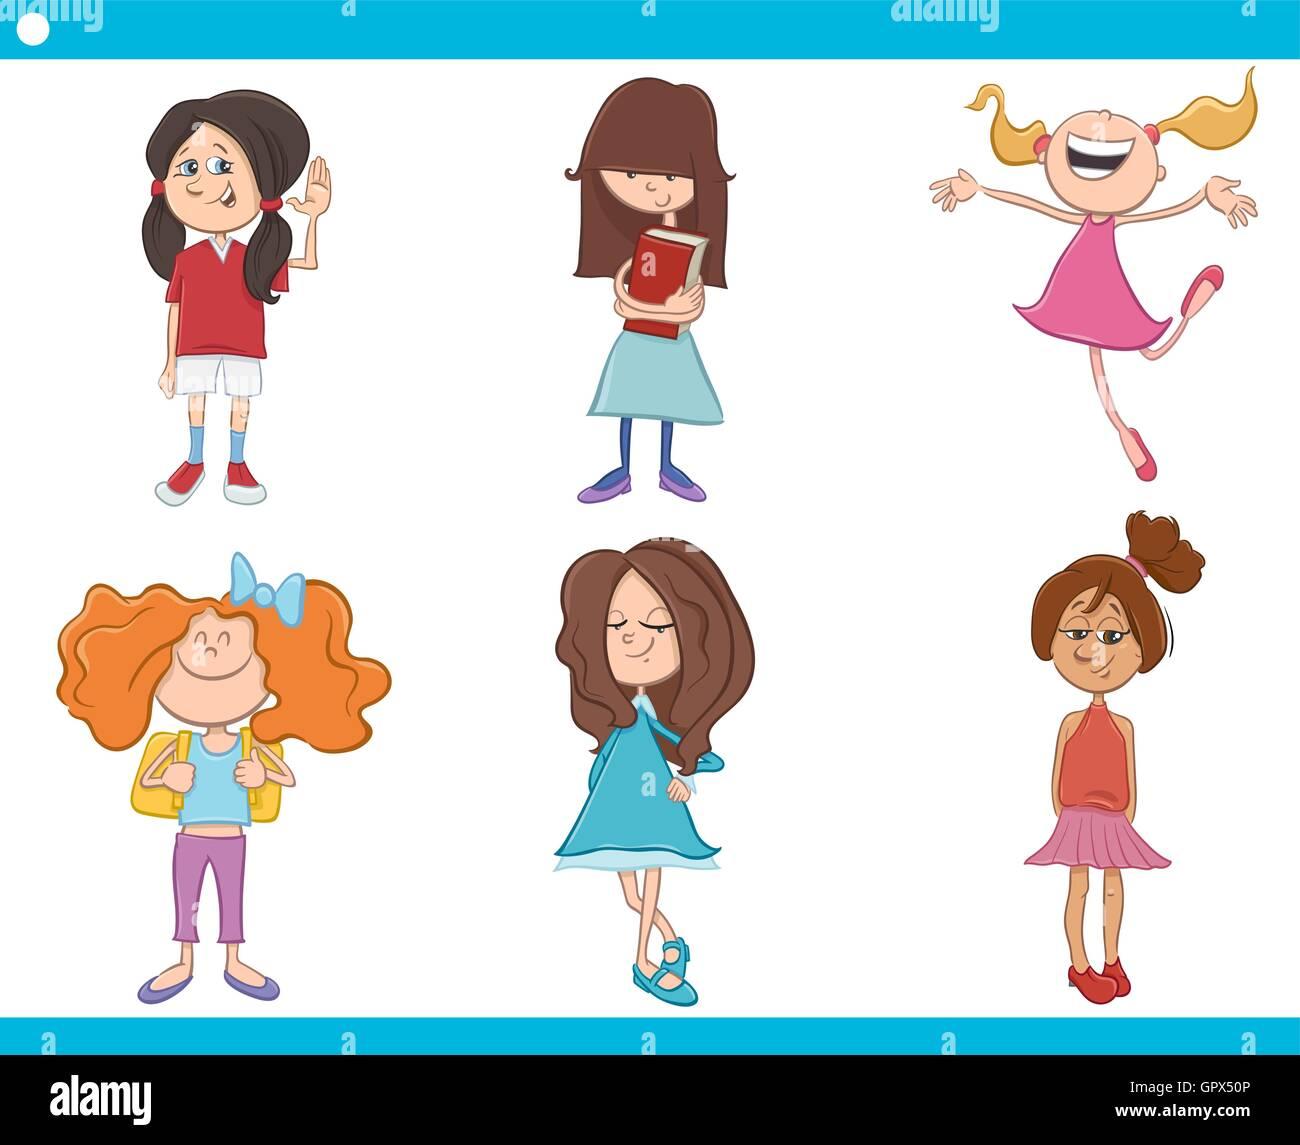 Ilustración De Dibujos Animados De Niñas En Edad Escolar Los Niños O